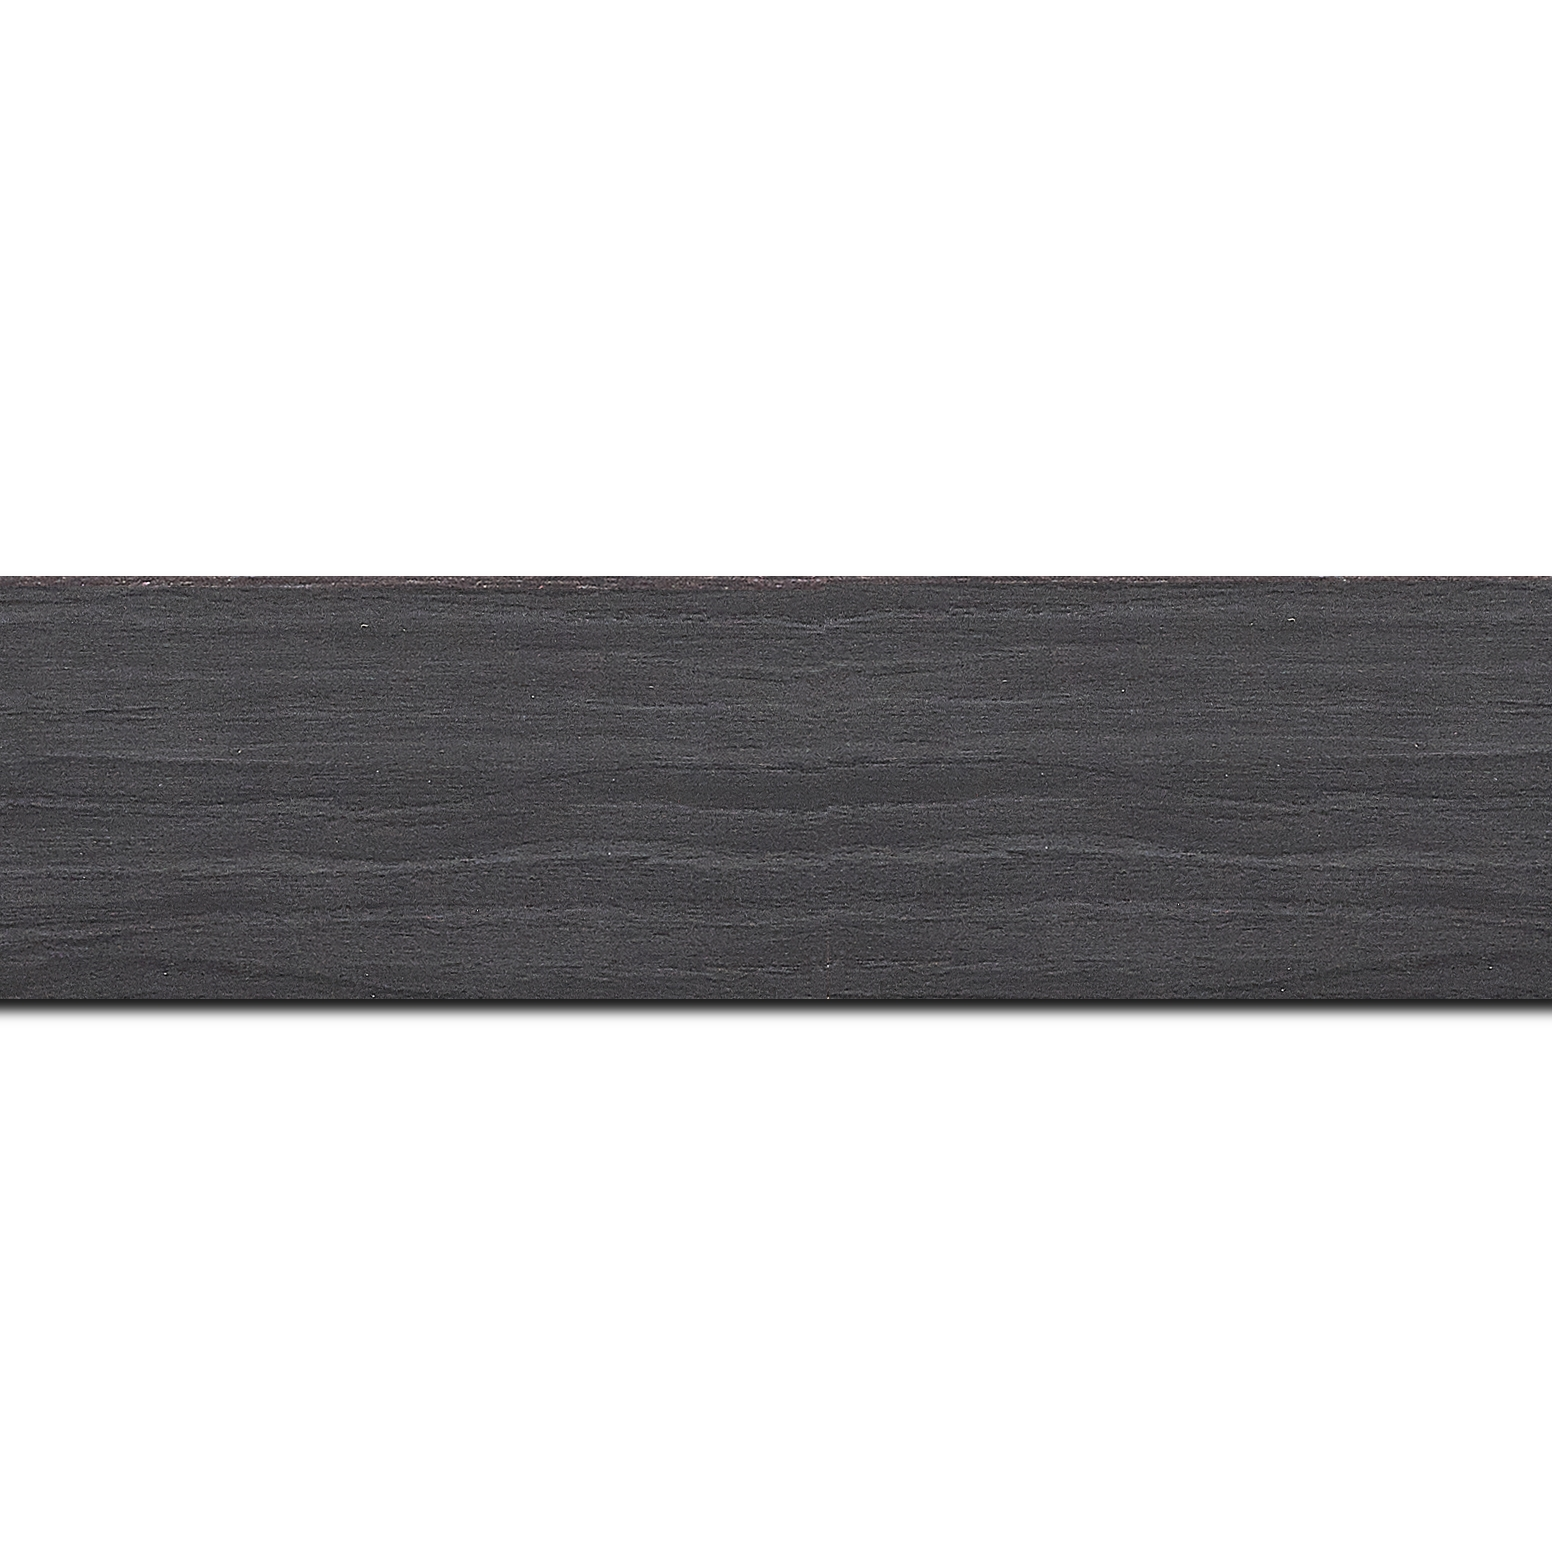 Baguette longueur 1.40m bois profil plat largeur 4.2cm décor bois noir ébène